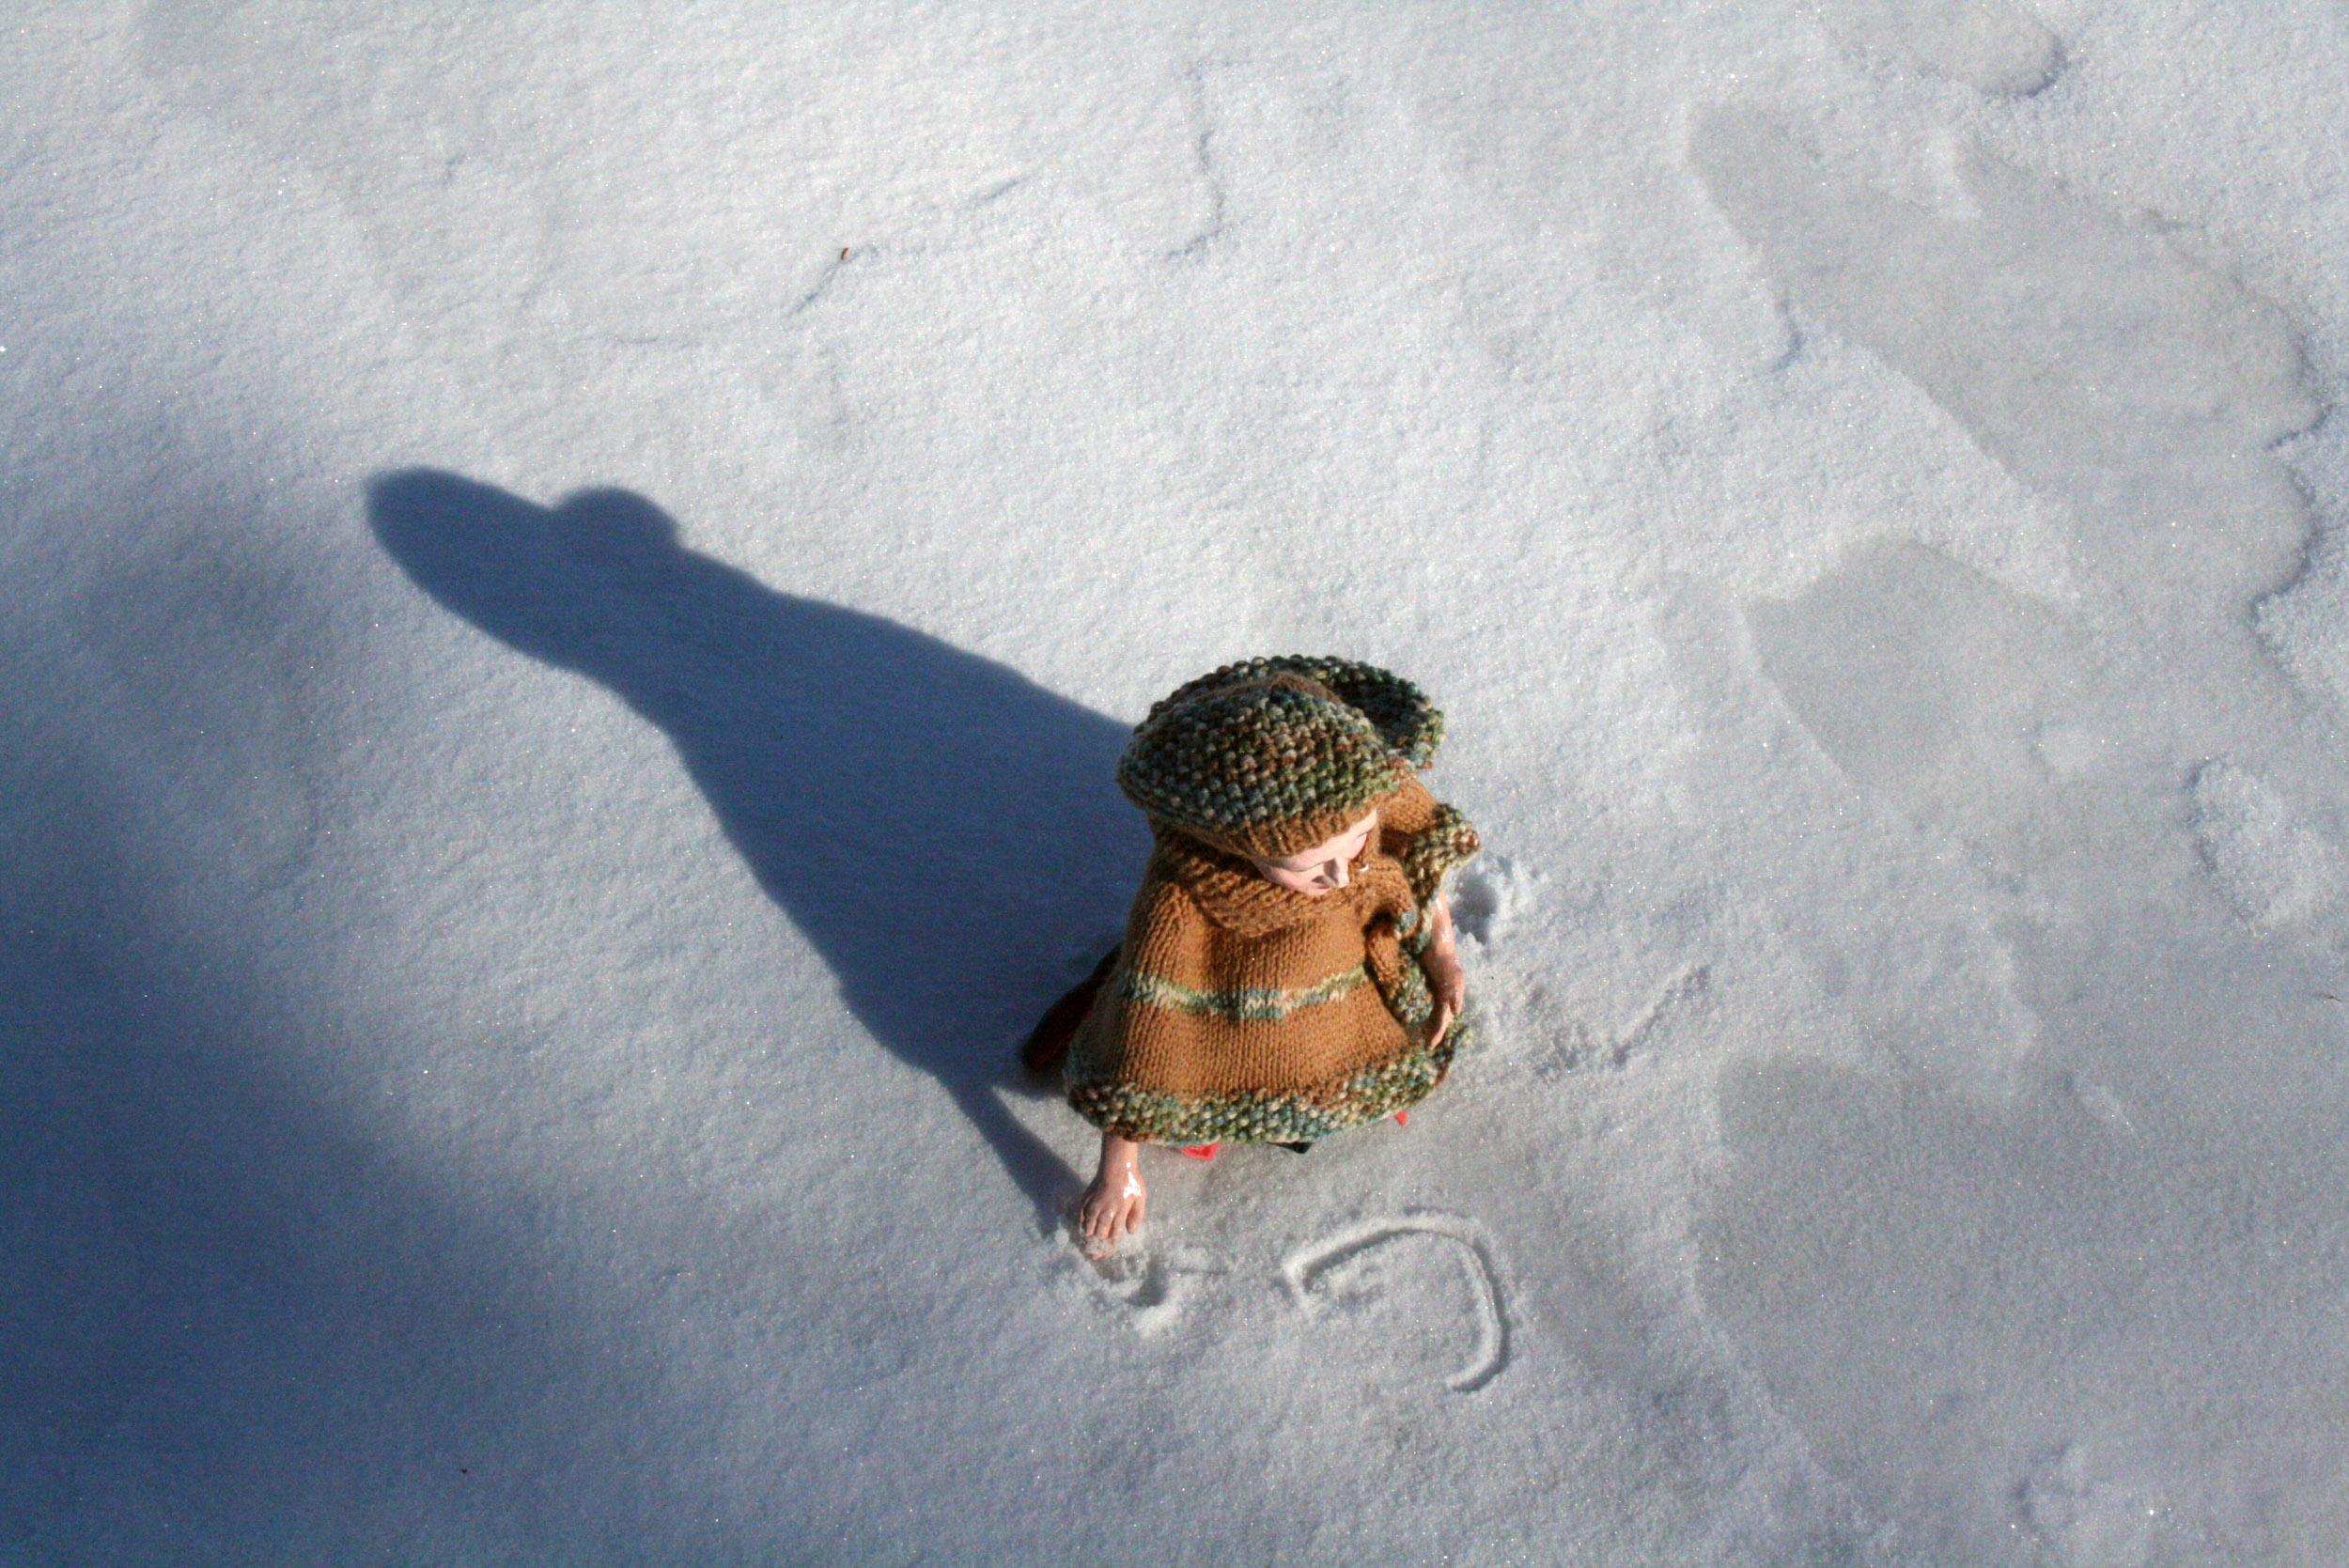 c.week26.snowlake.jpg